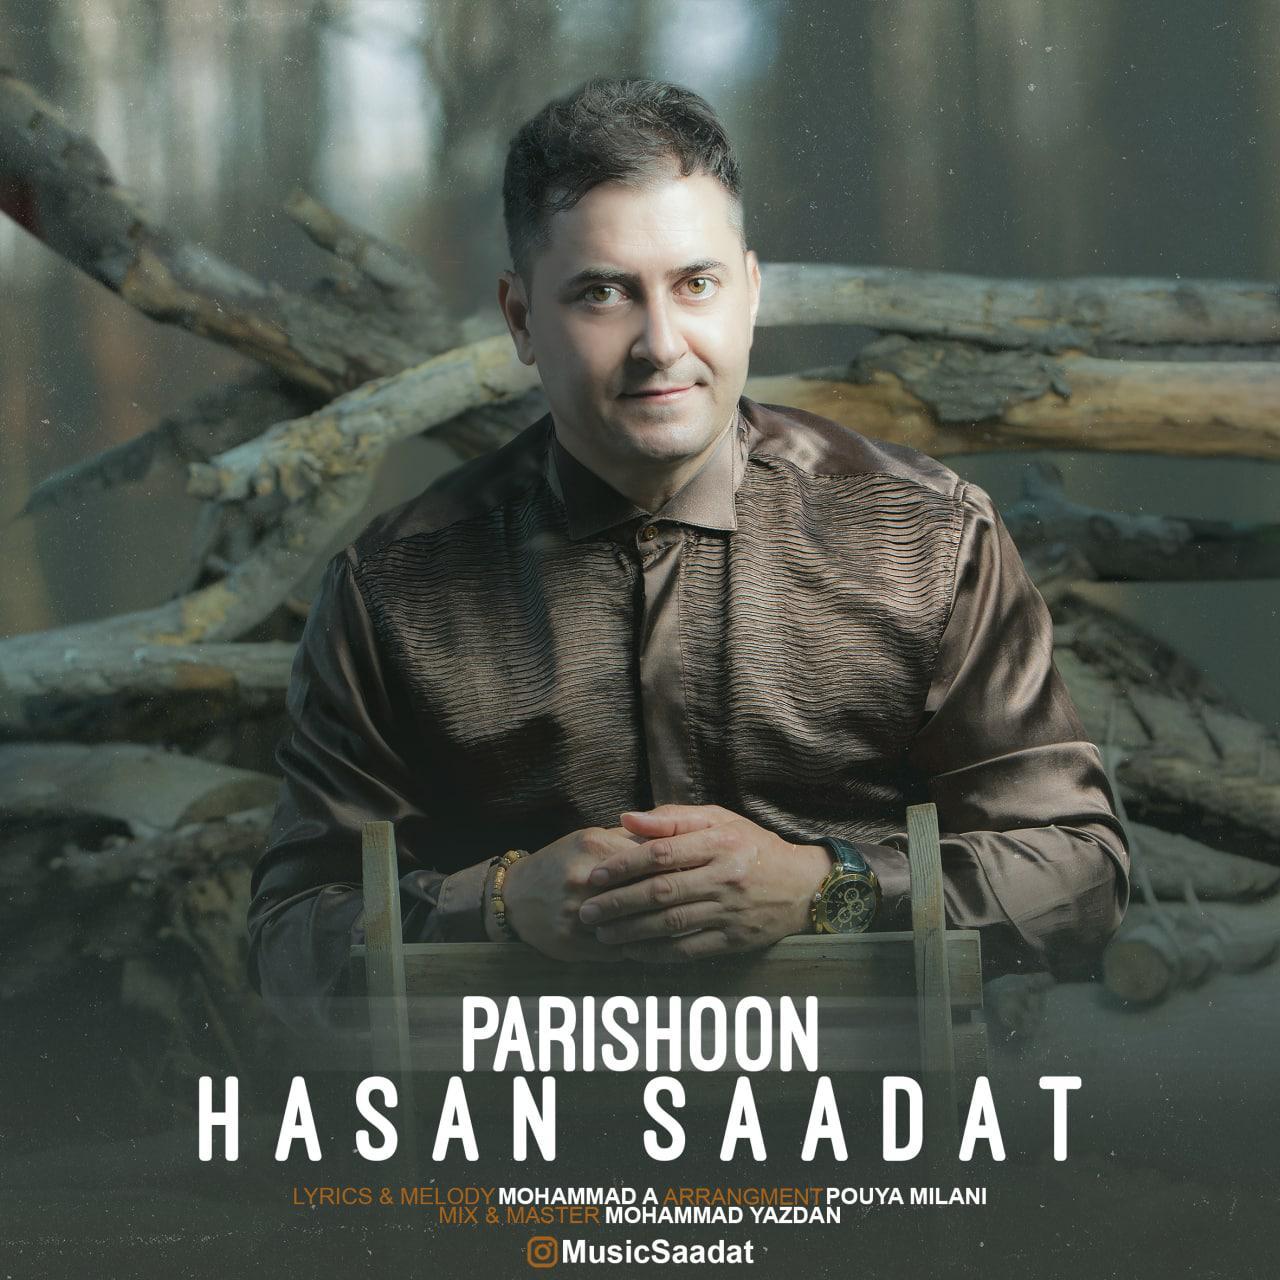 Hasan Saadat – Parishoon